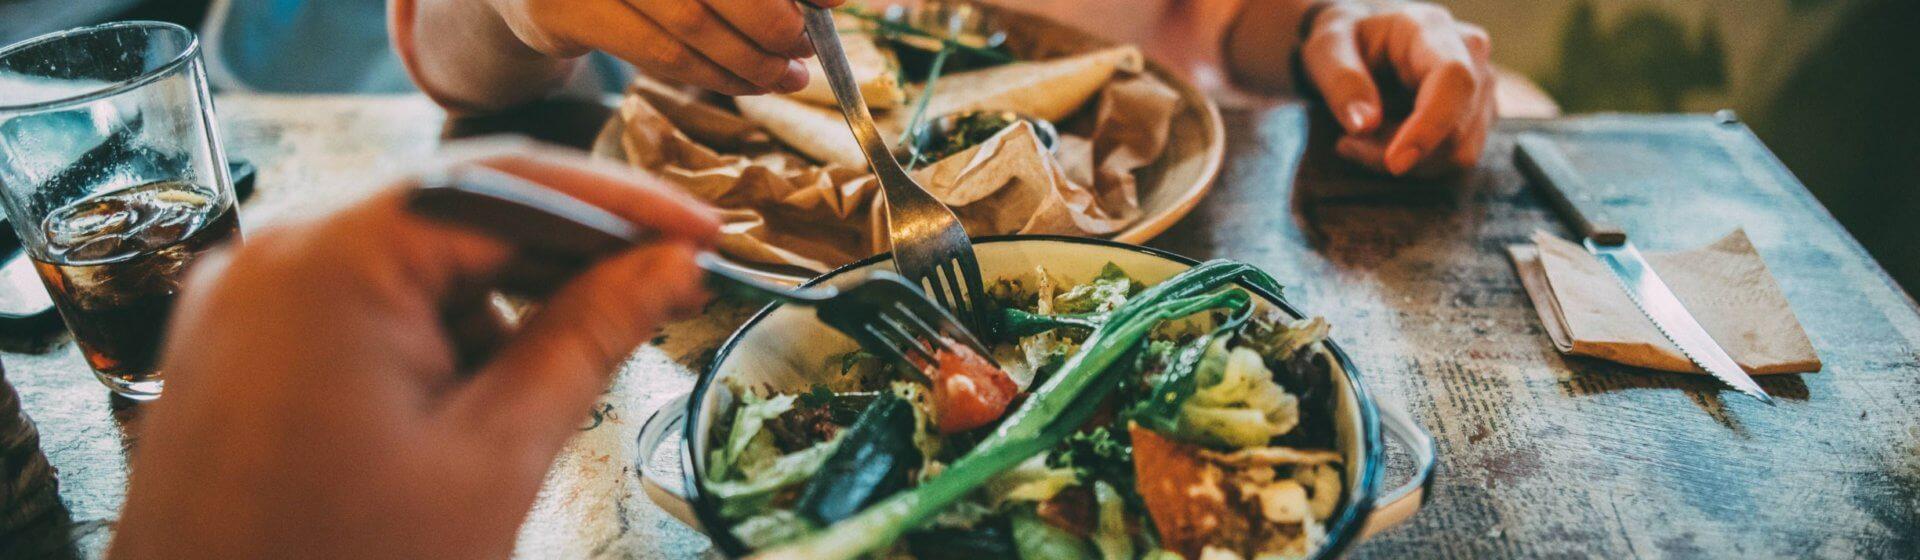 Gemüse als vollwertige Hauptspeise beim Essen